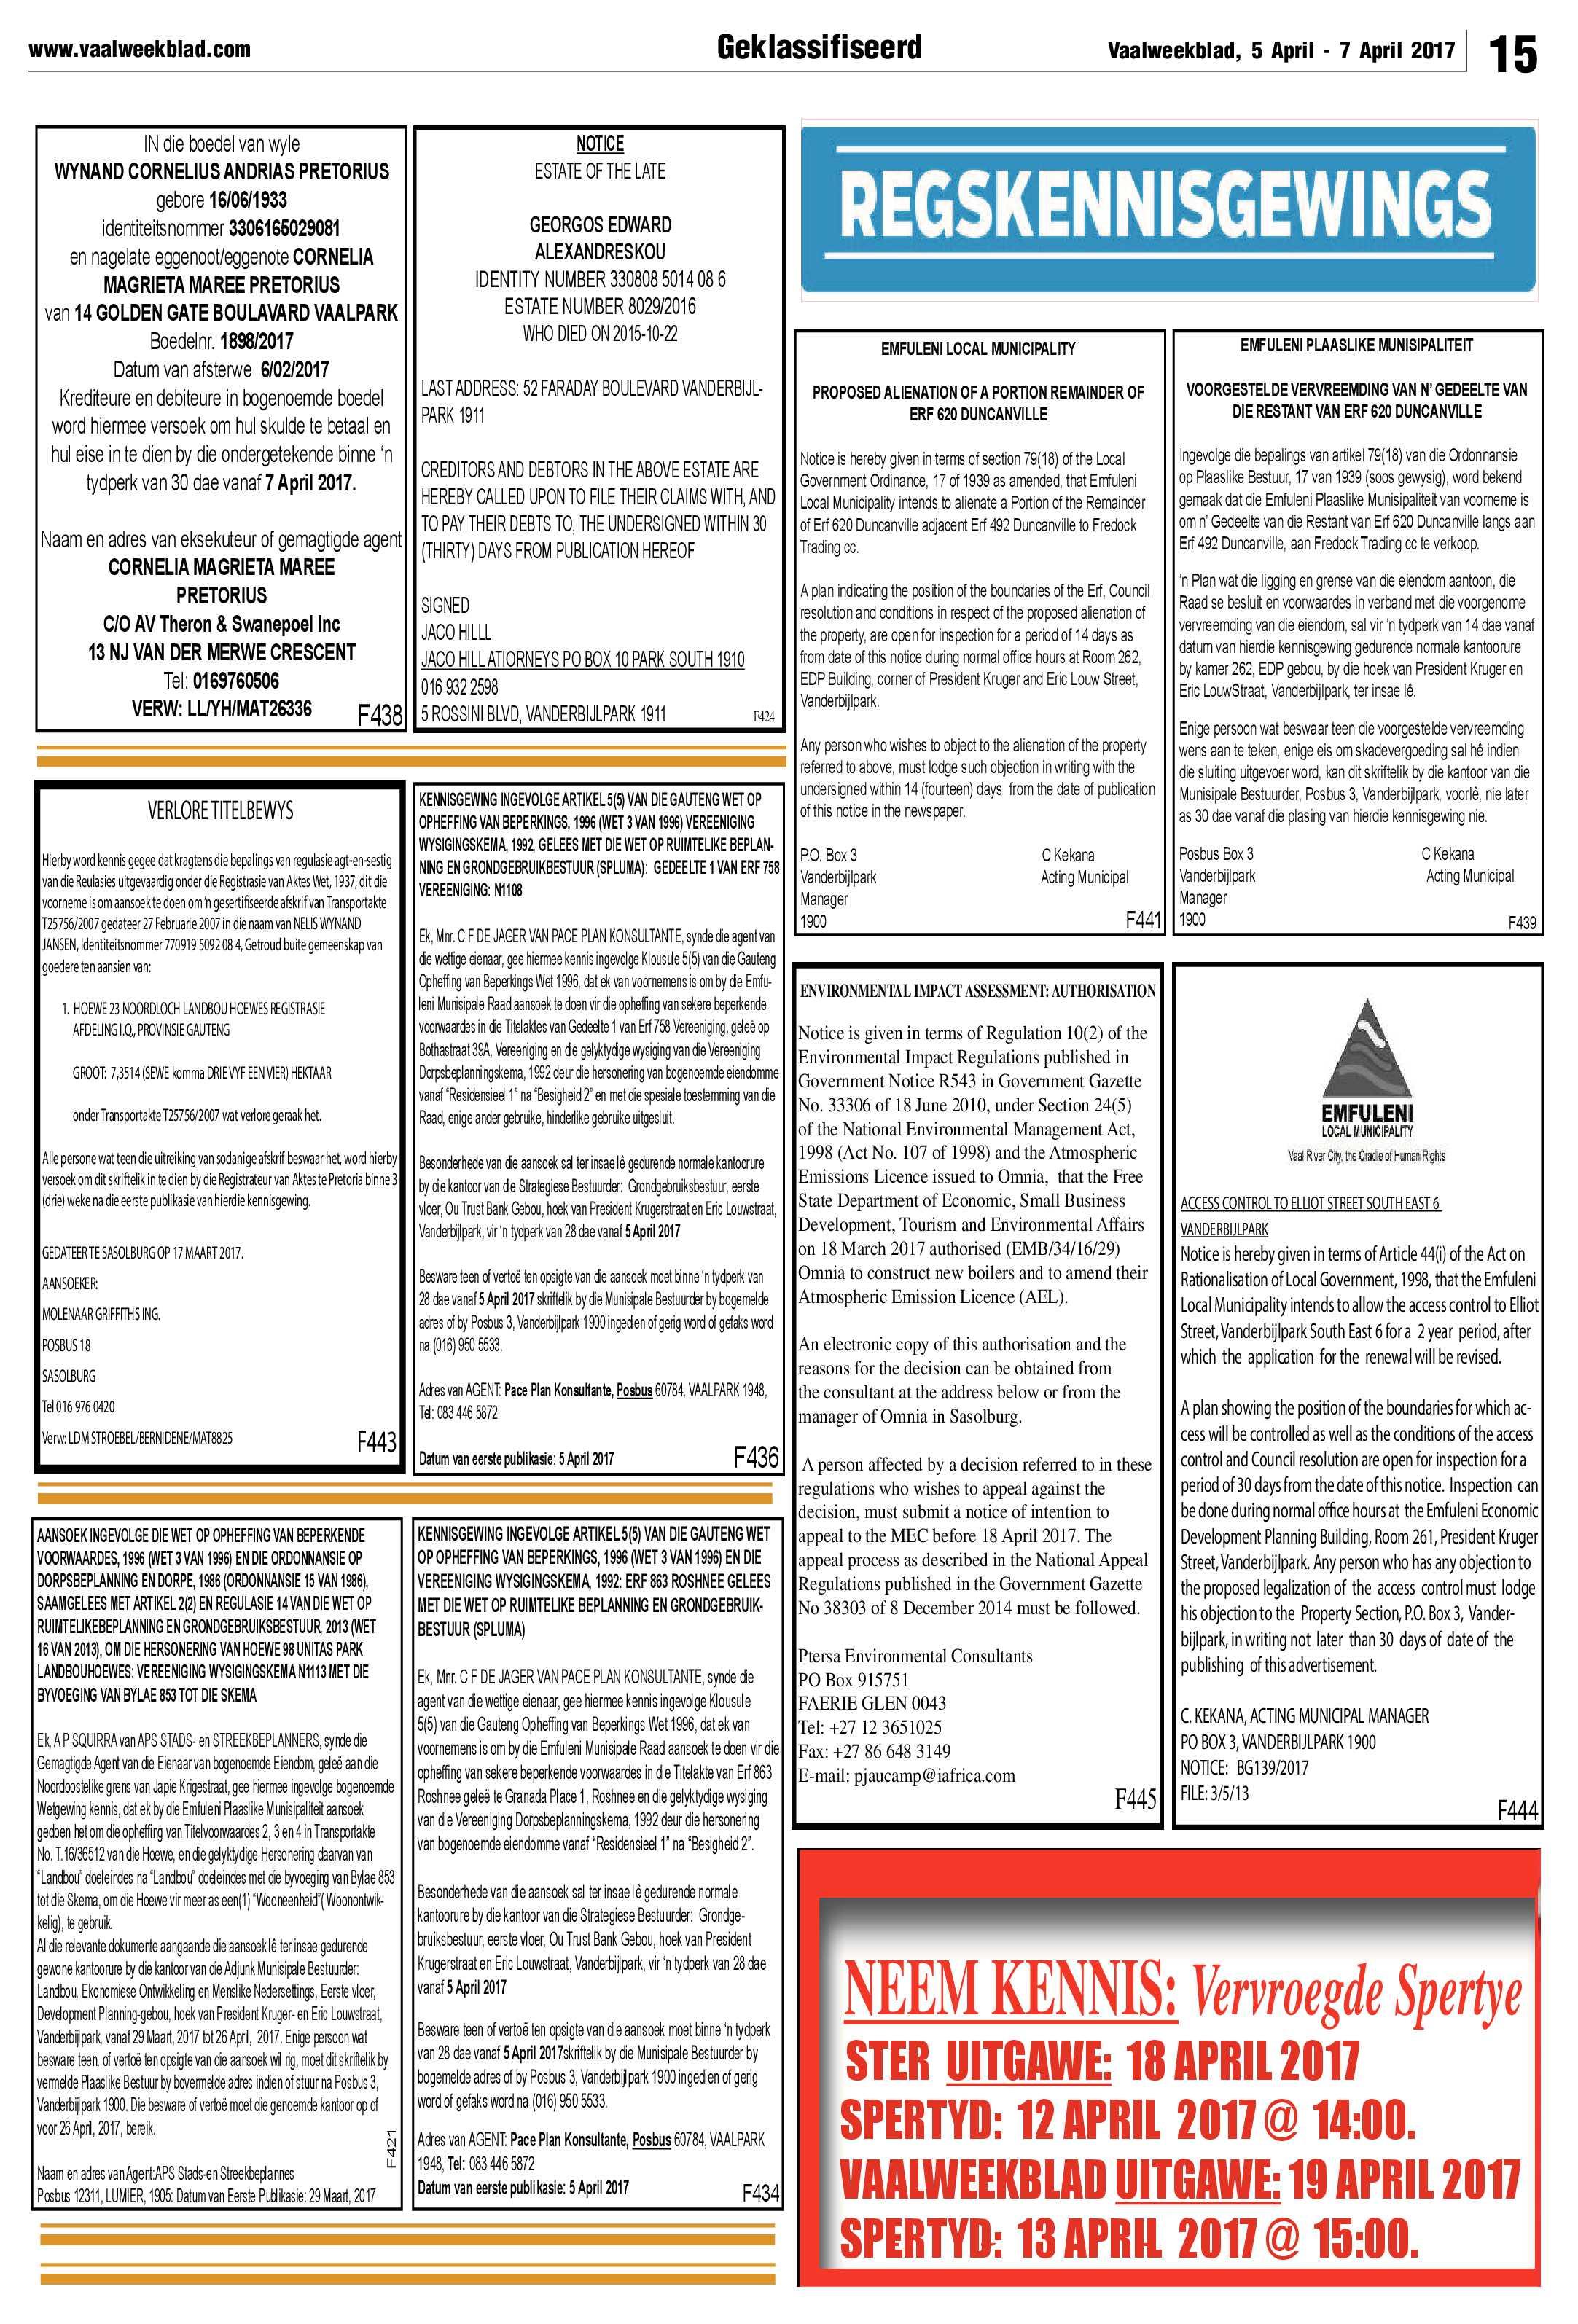 vaalweekblad-5-7-april-2017-2-epapers-page-15